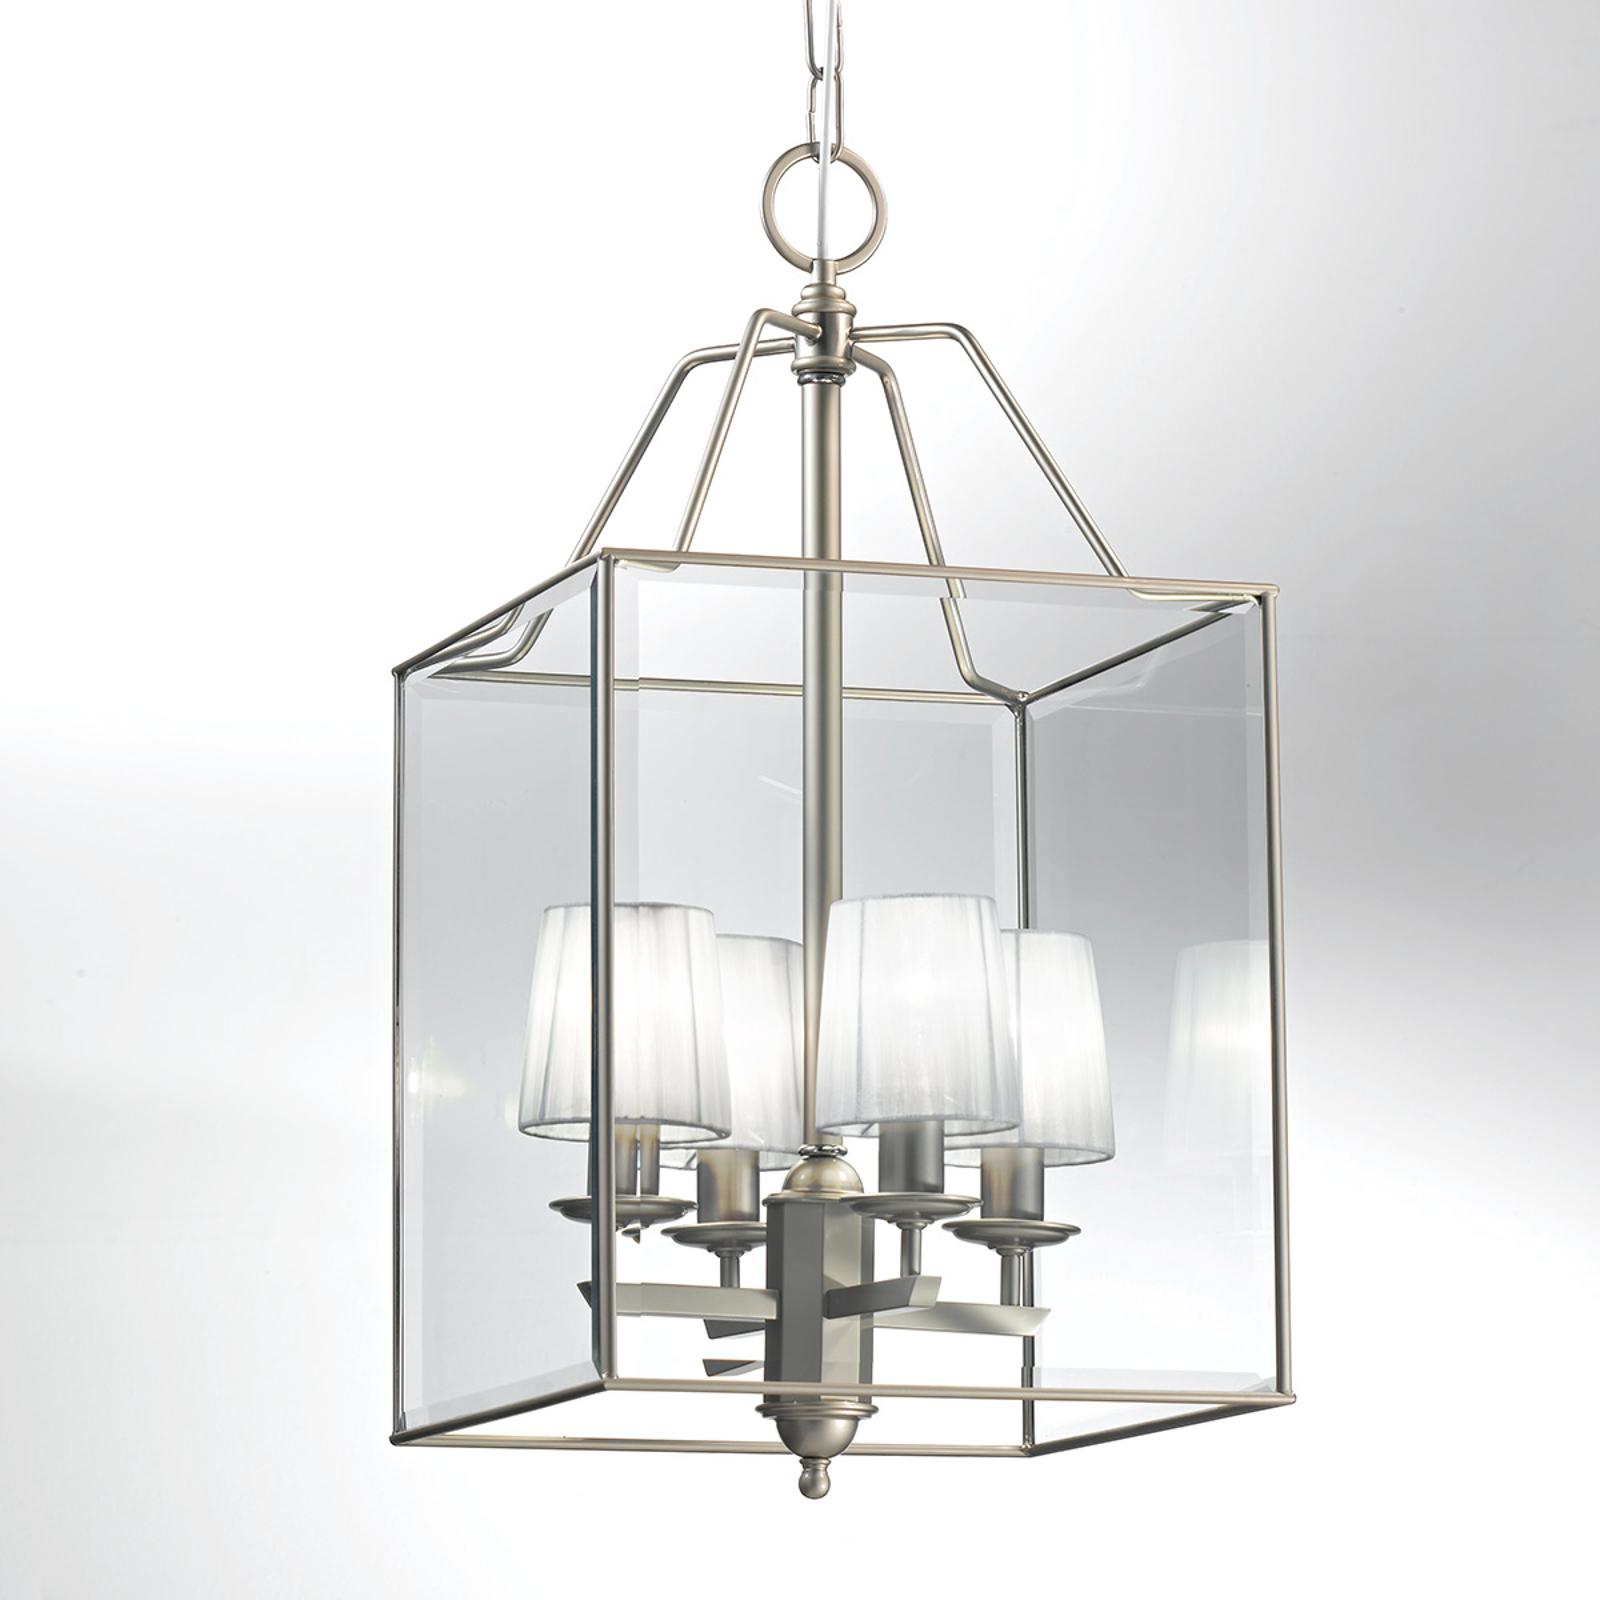 Závesná lampa Lampione, nikel_2008217_1